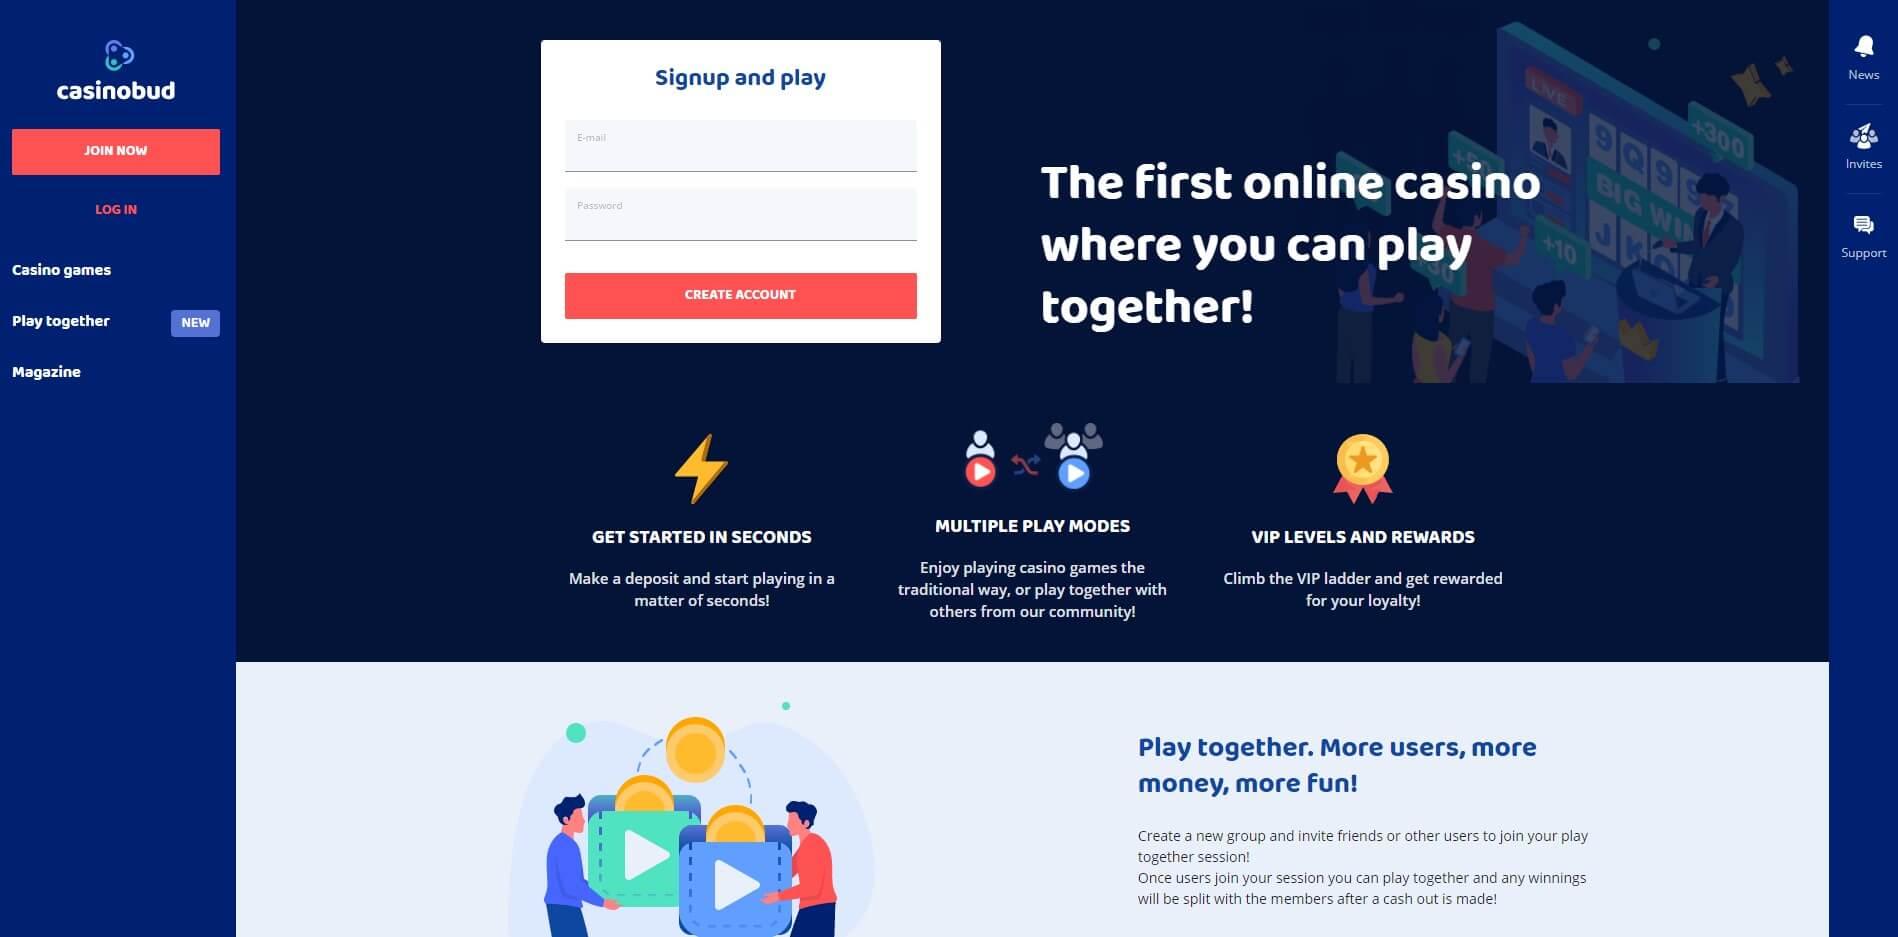 casinobud.com - Website Review